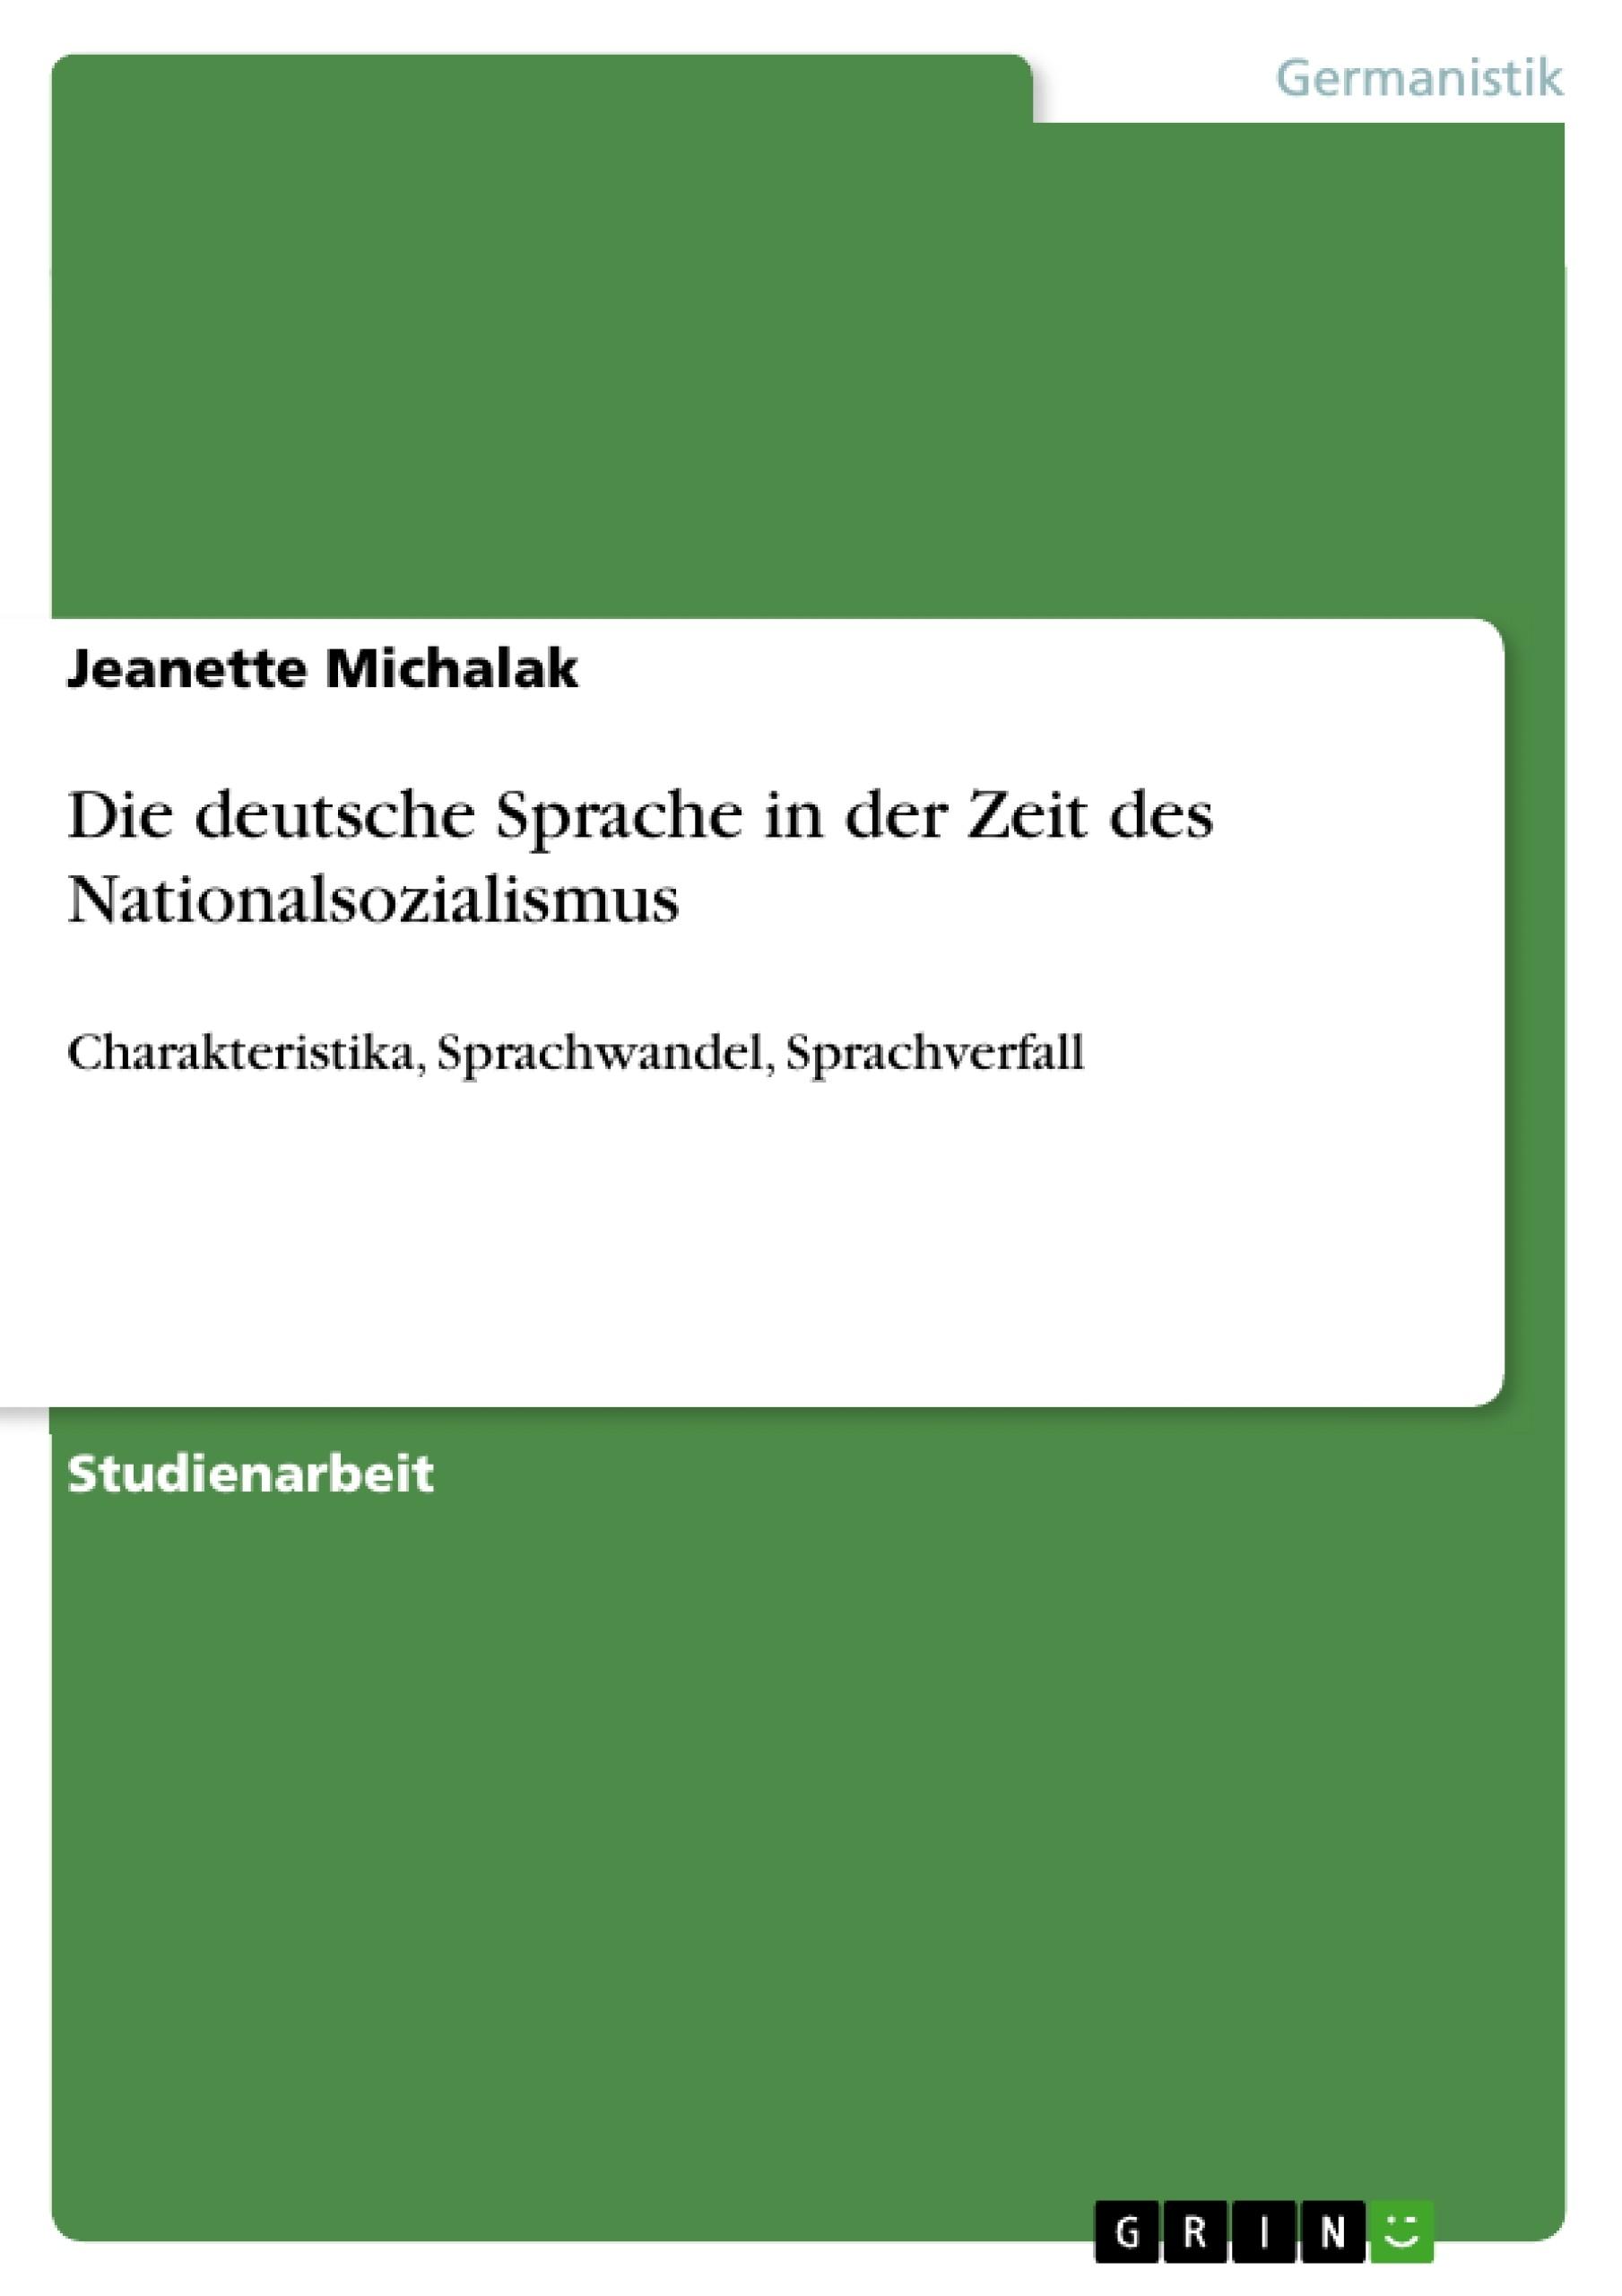 Titel: Die deutsche Sprache in der Zeit des Nationalsozialismus